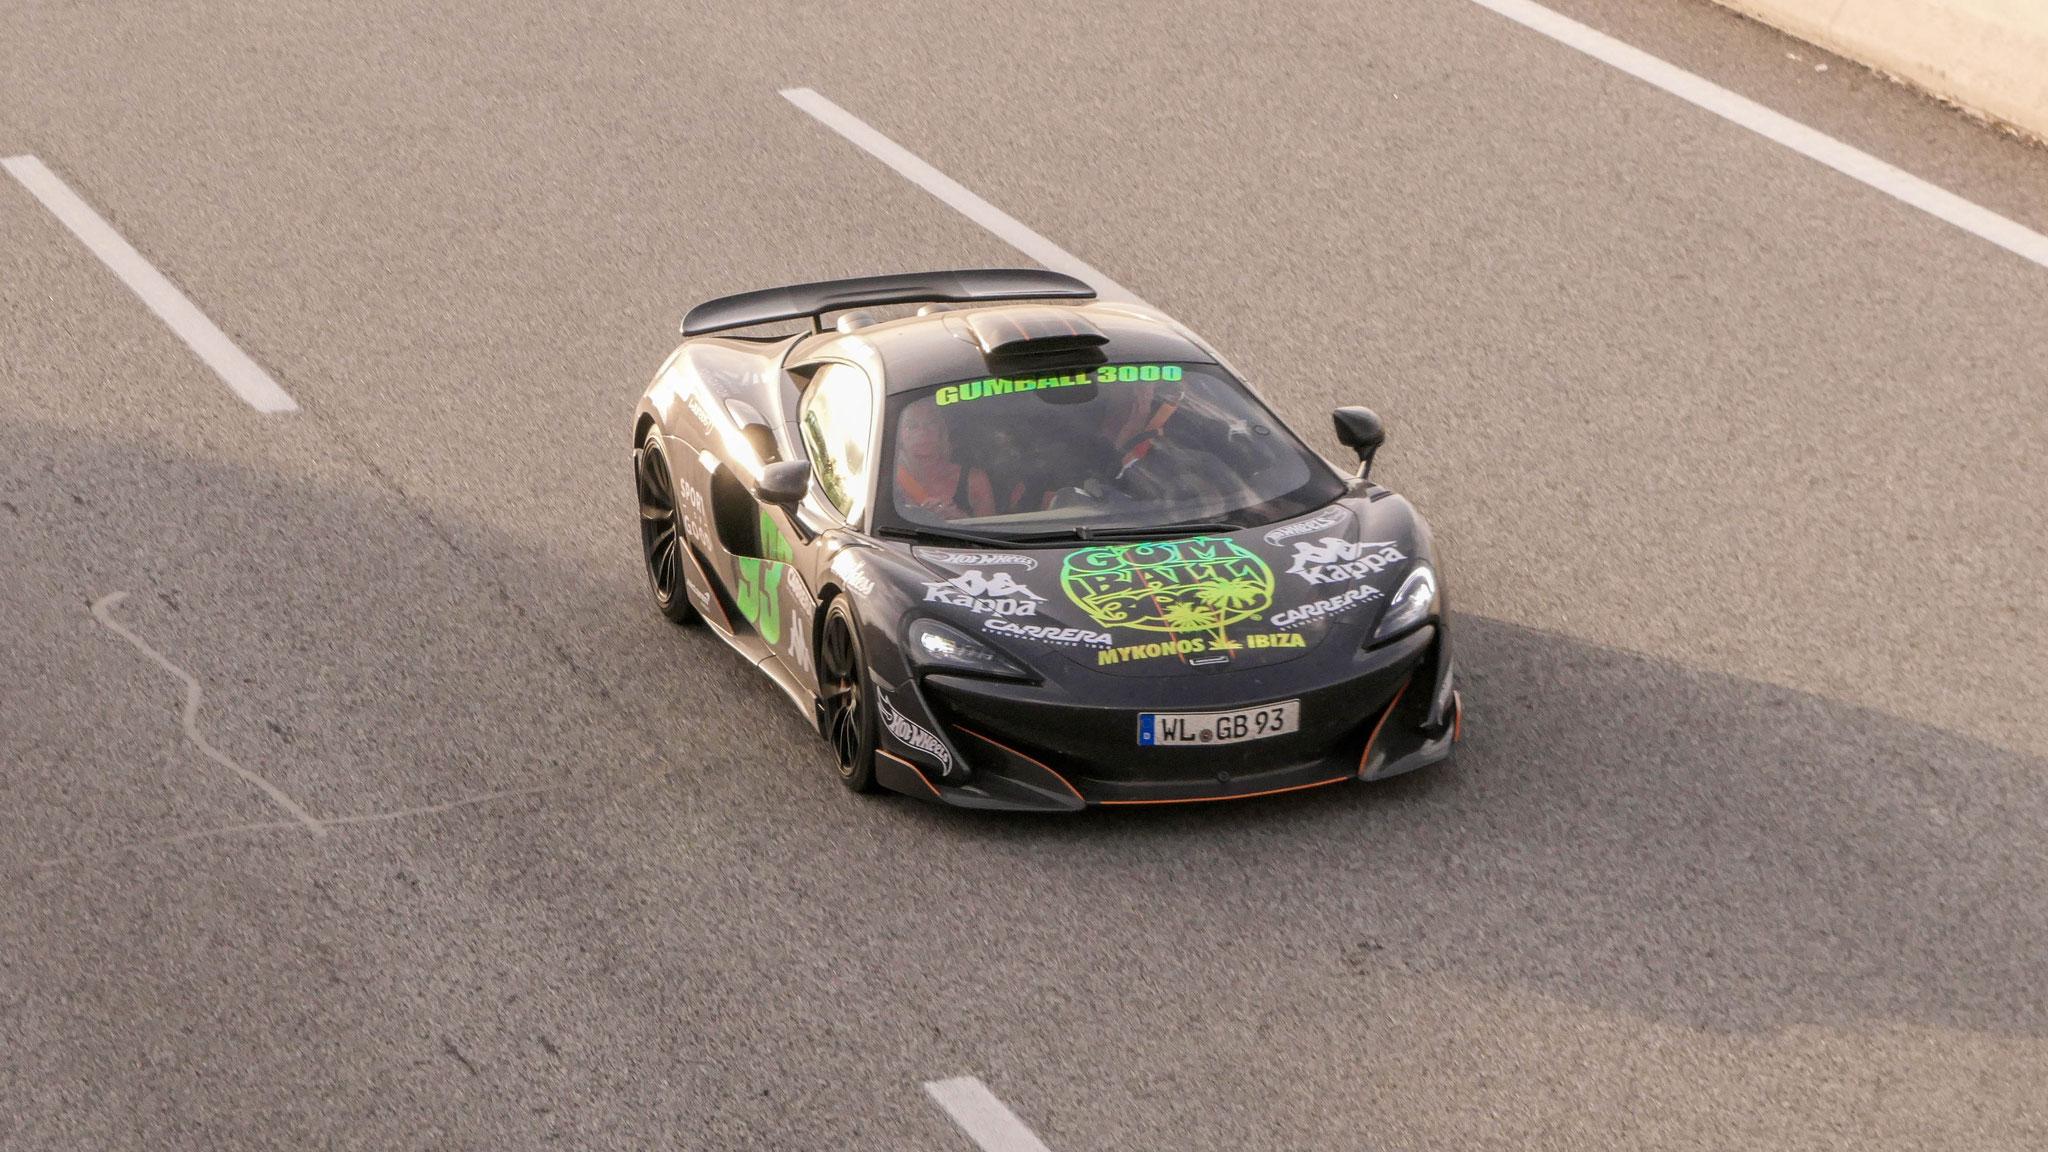 McLaren 600LT - WM-GB-93